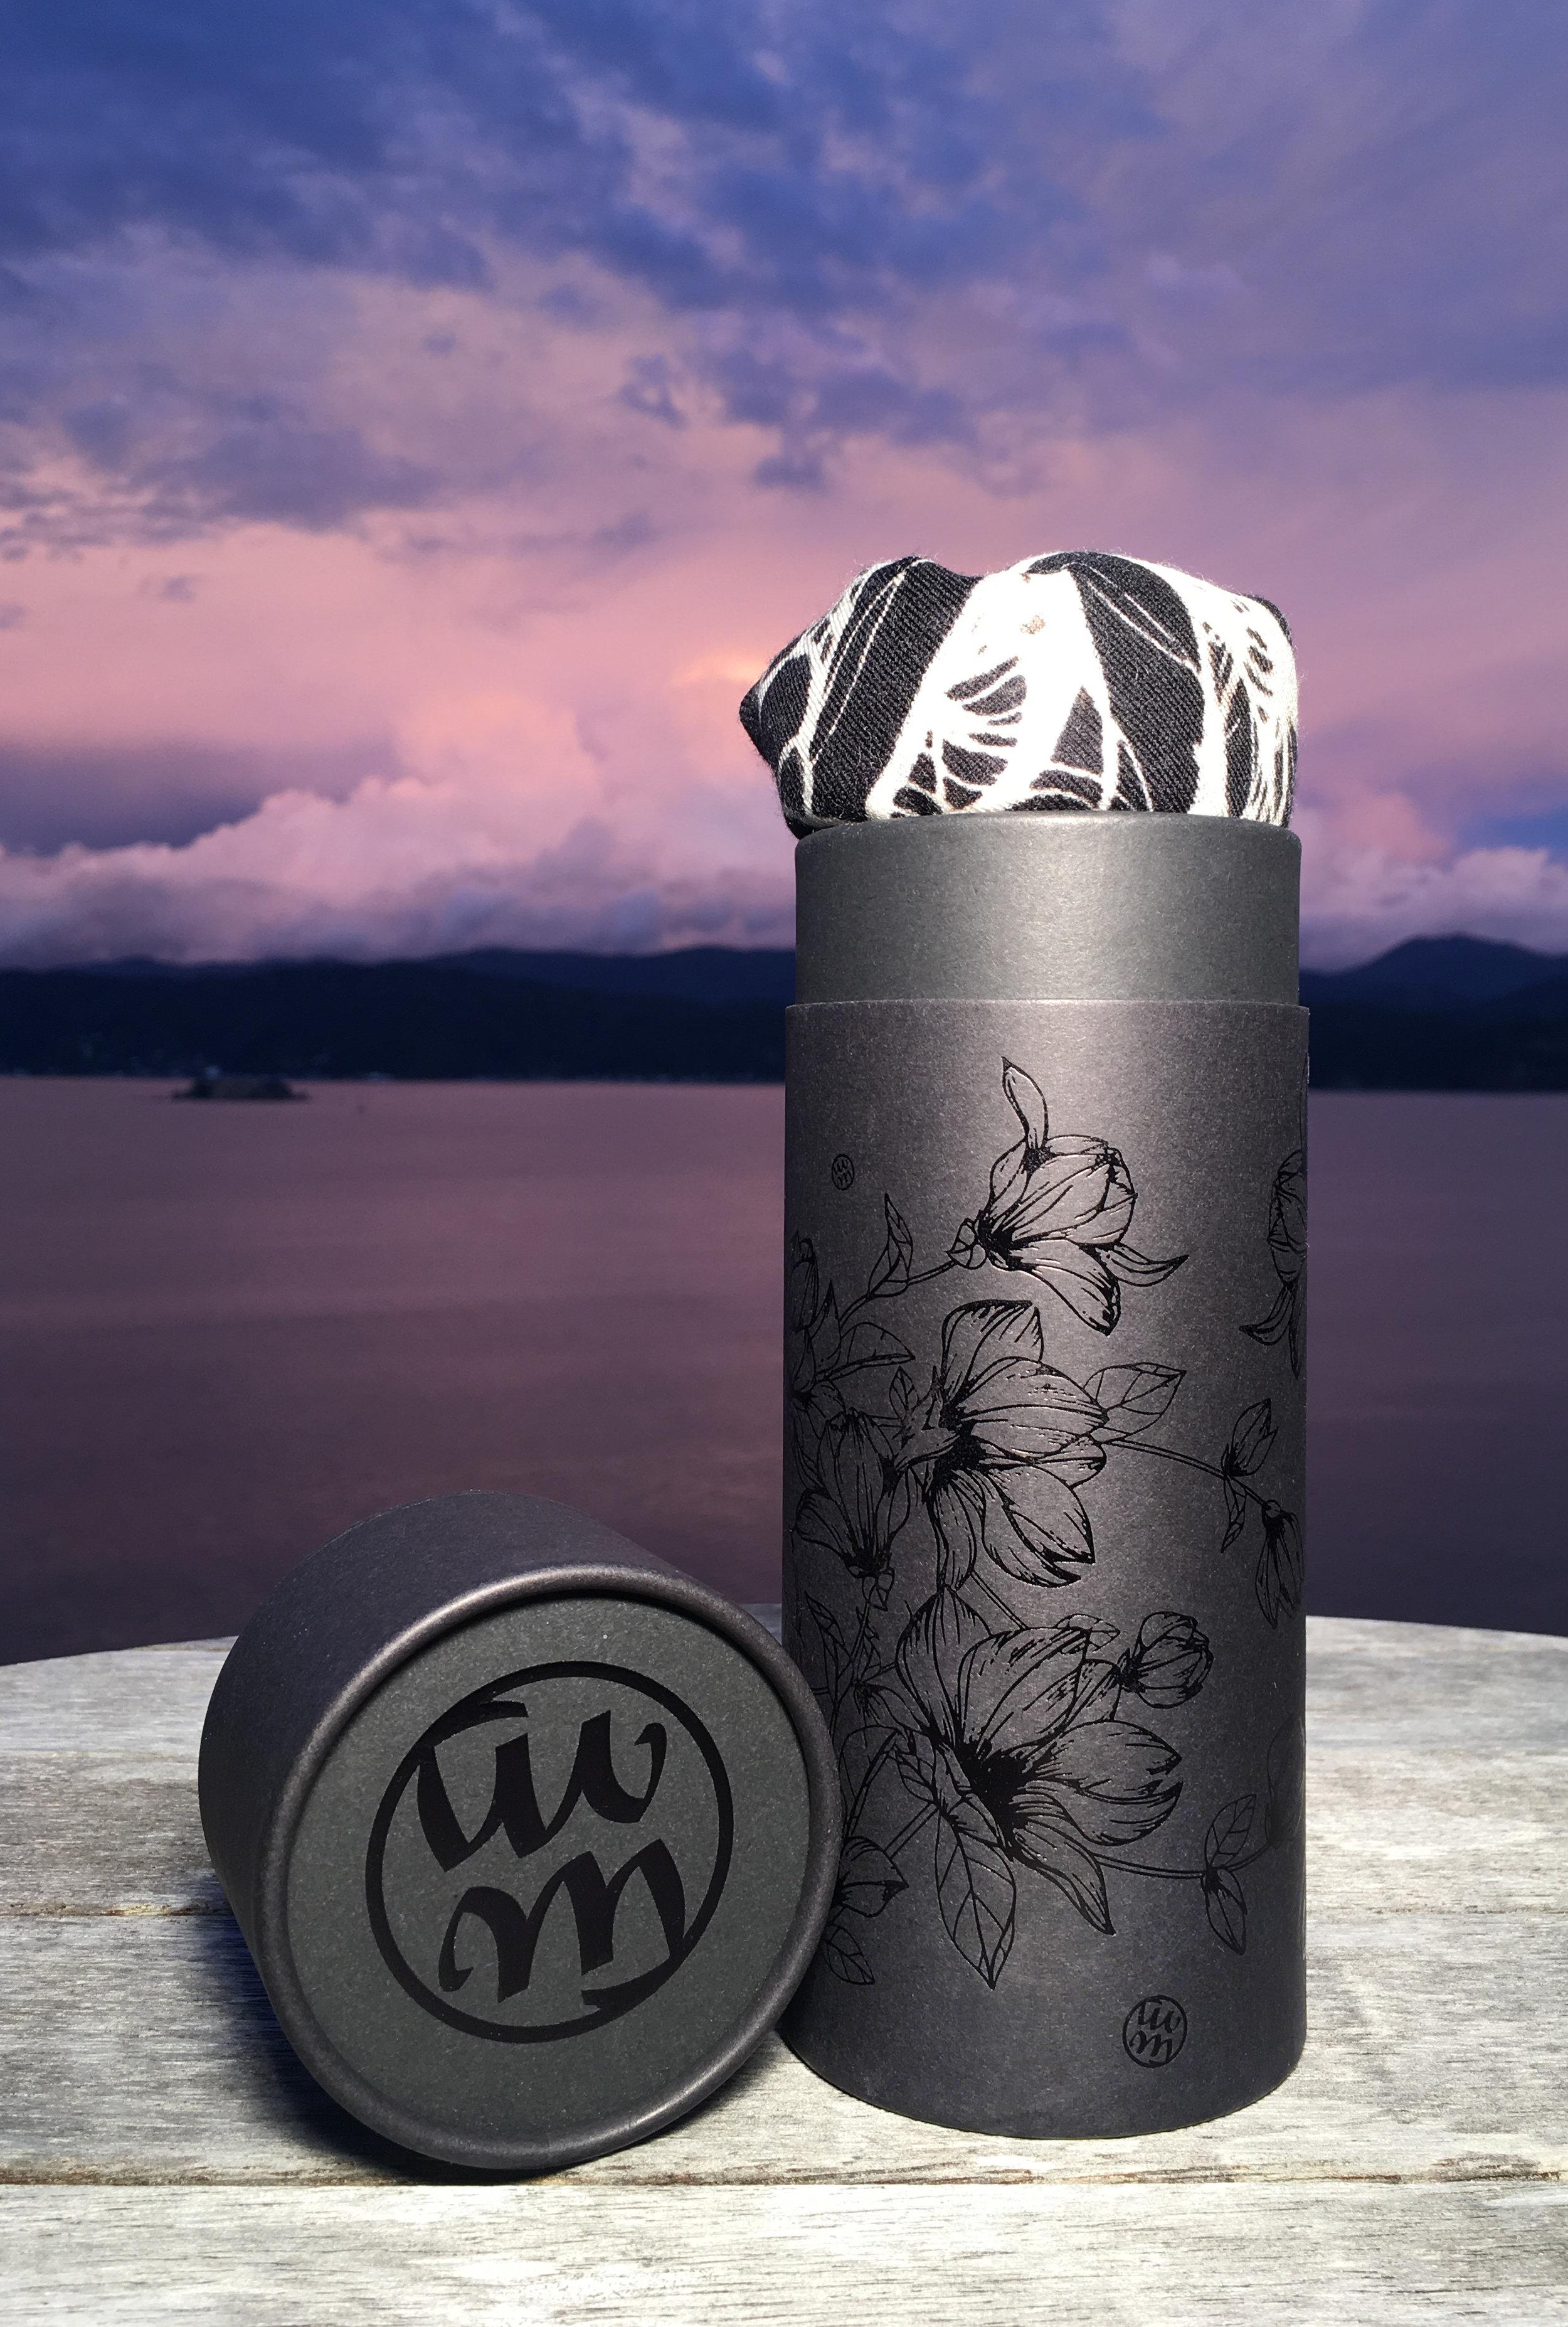 Moena Moxham bespoke packaging & a beautiful New Zealand sunset #nofilter